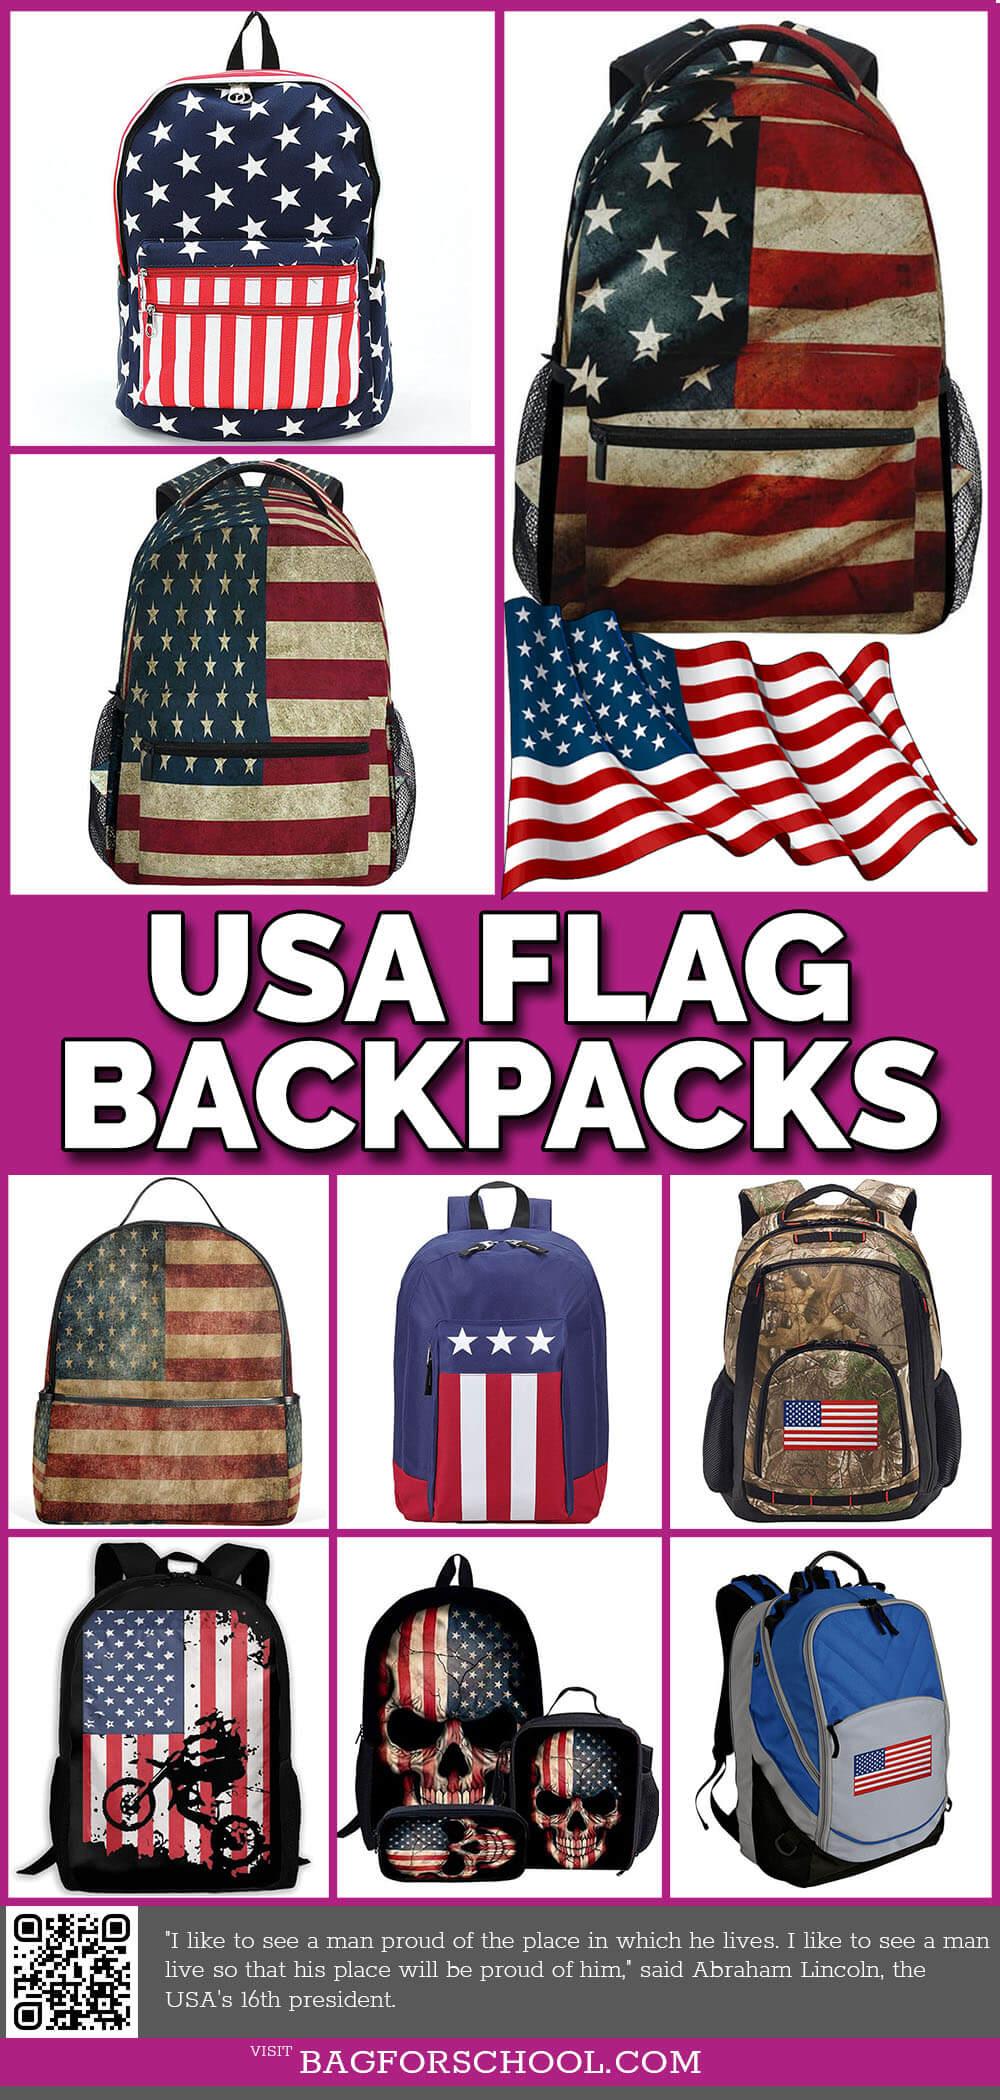 USA flag-backpacks